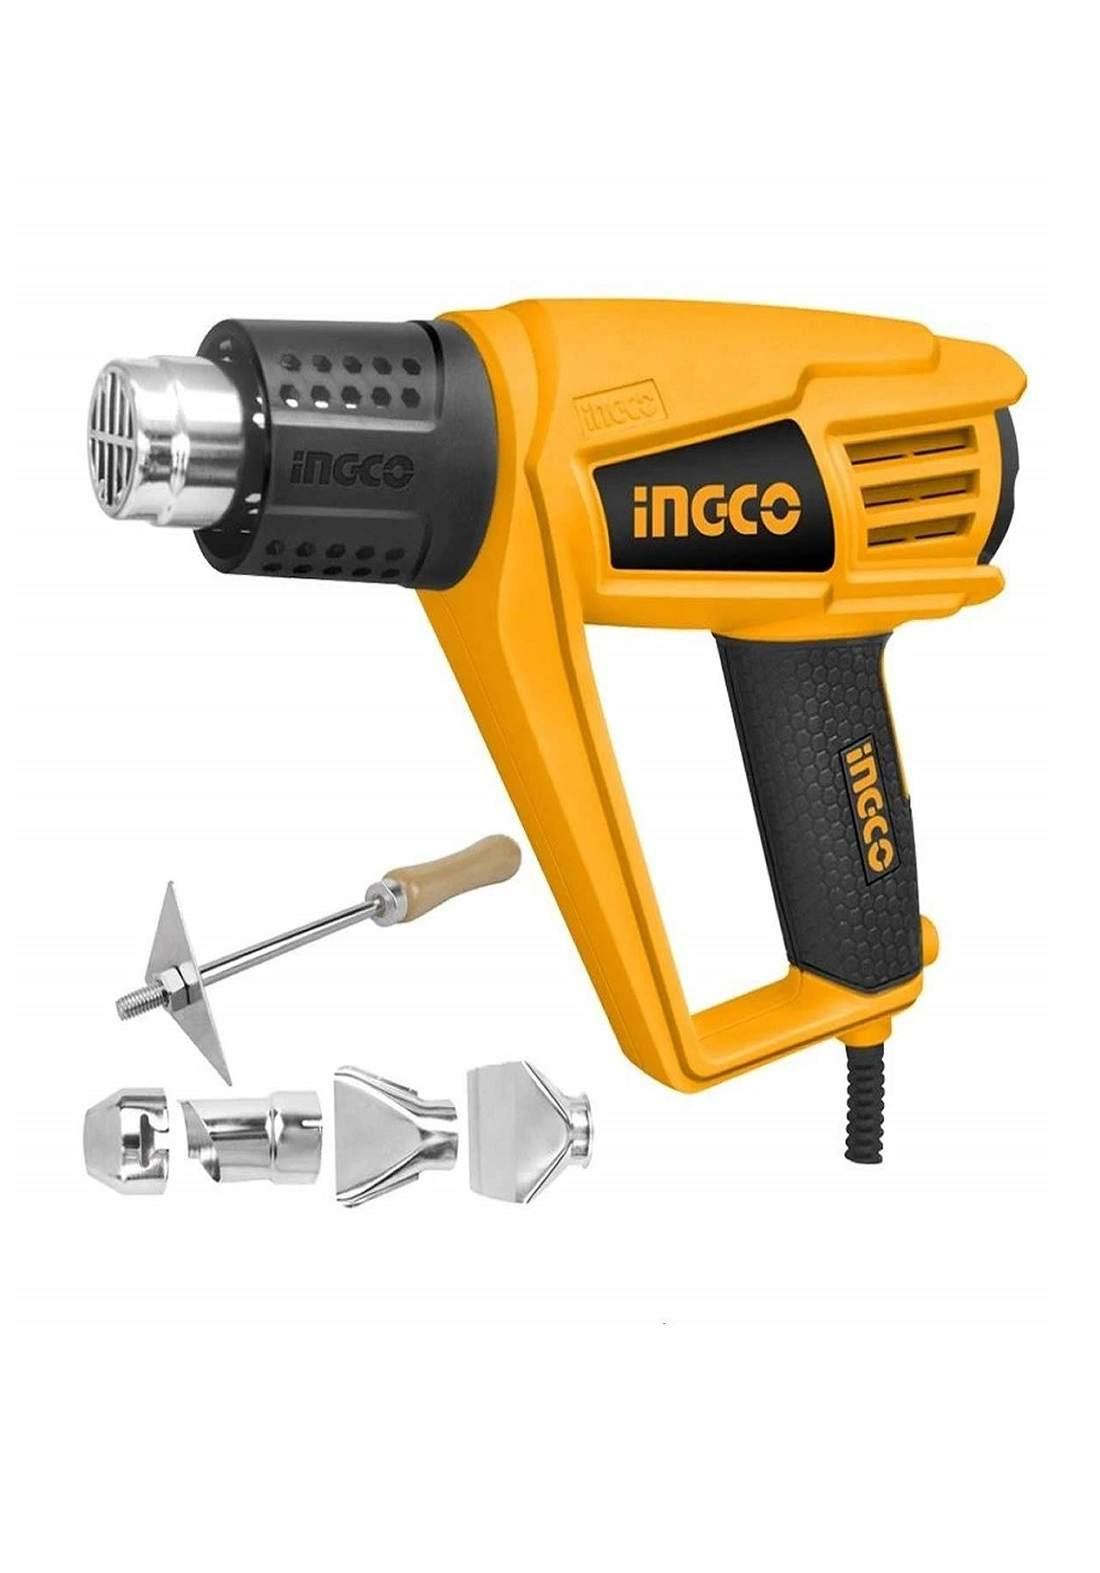 INGCO HG20008 Heat Air Gun مسدس هواء حراري (دريل هيتر) 2000 واط